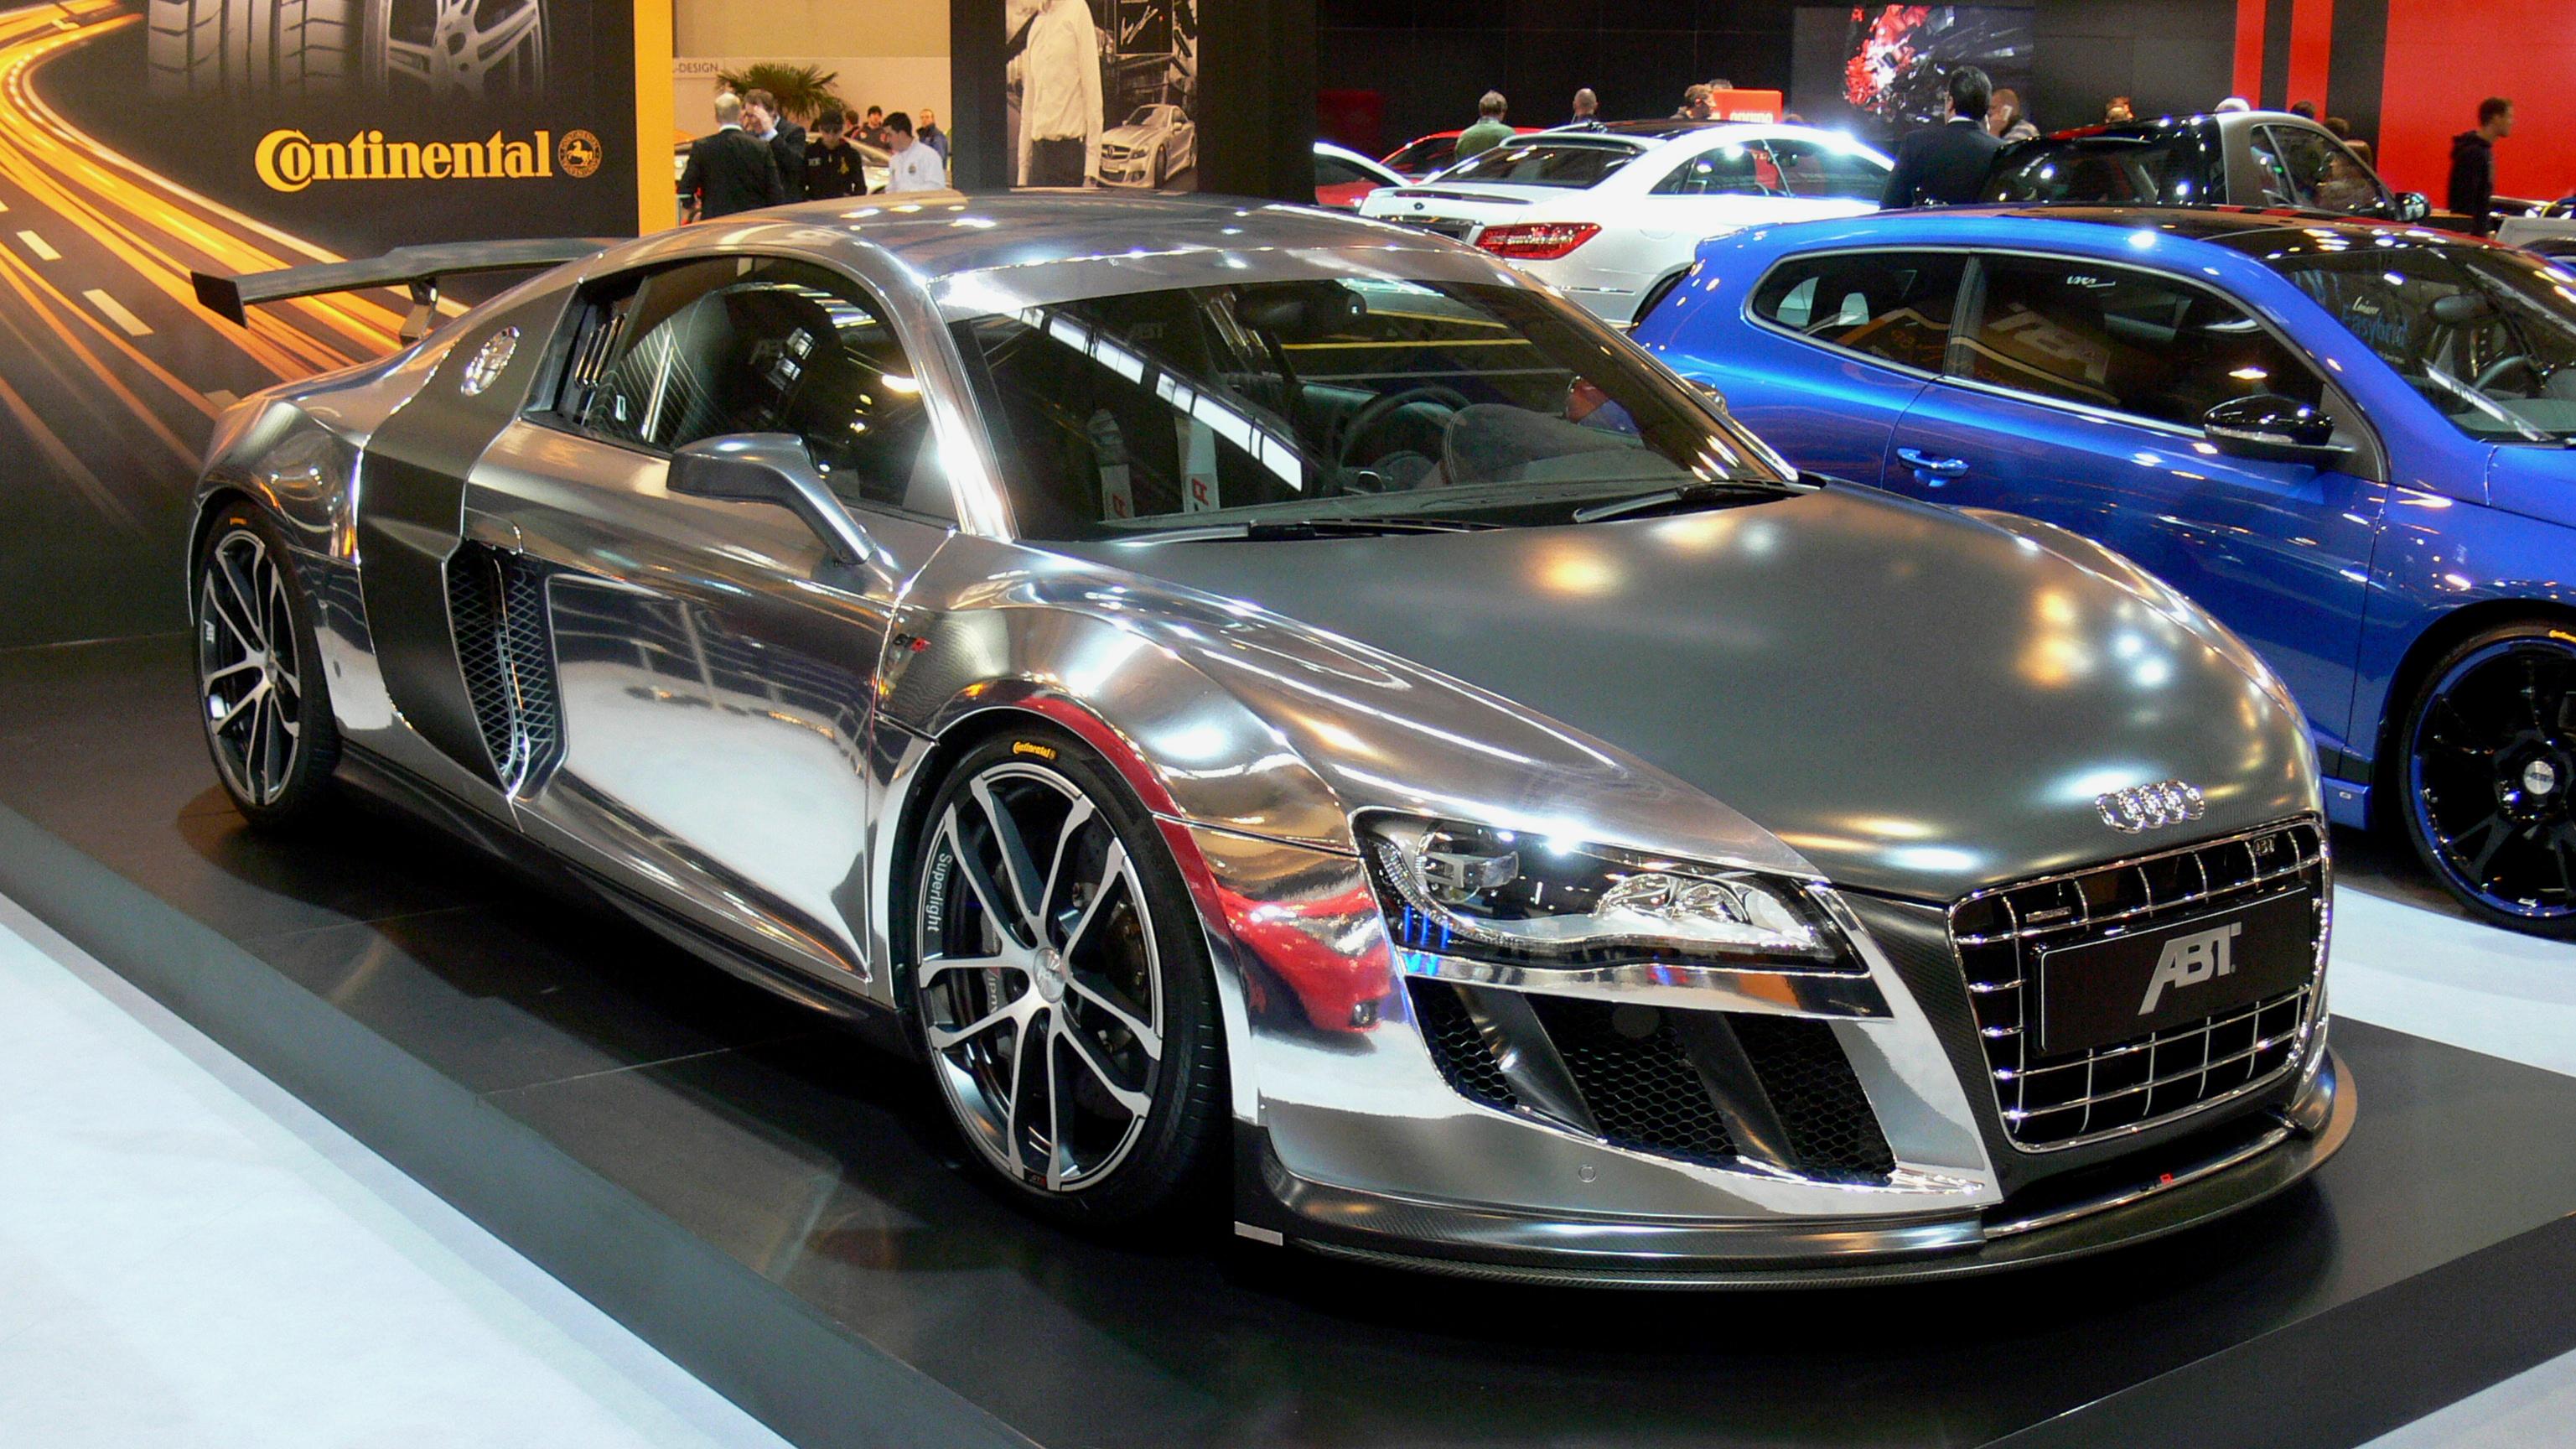 Chrome Race Cars